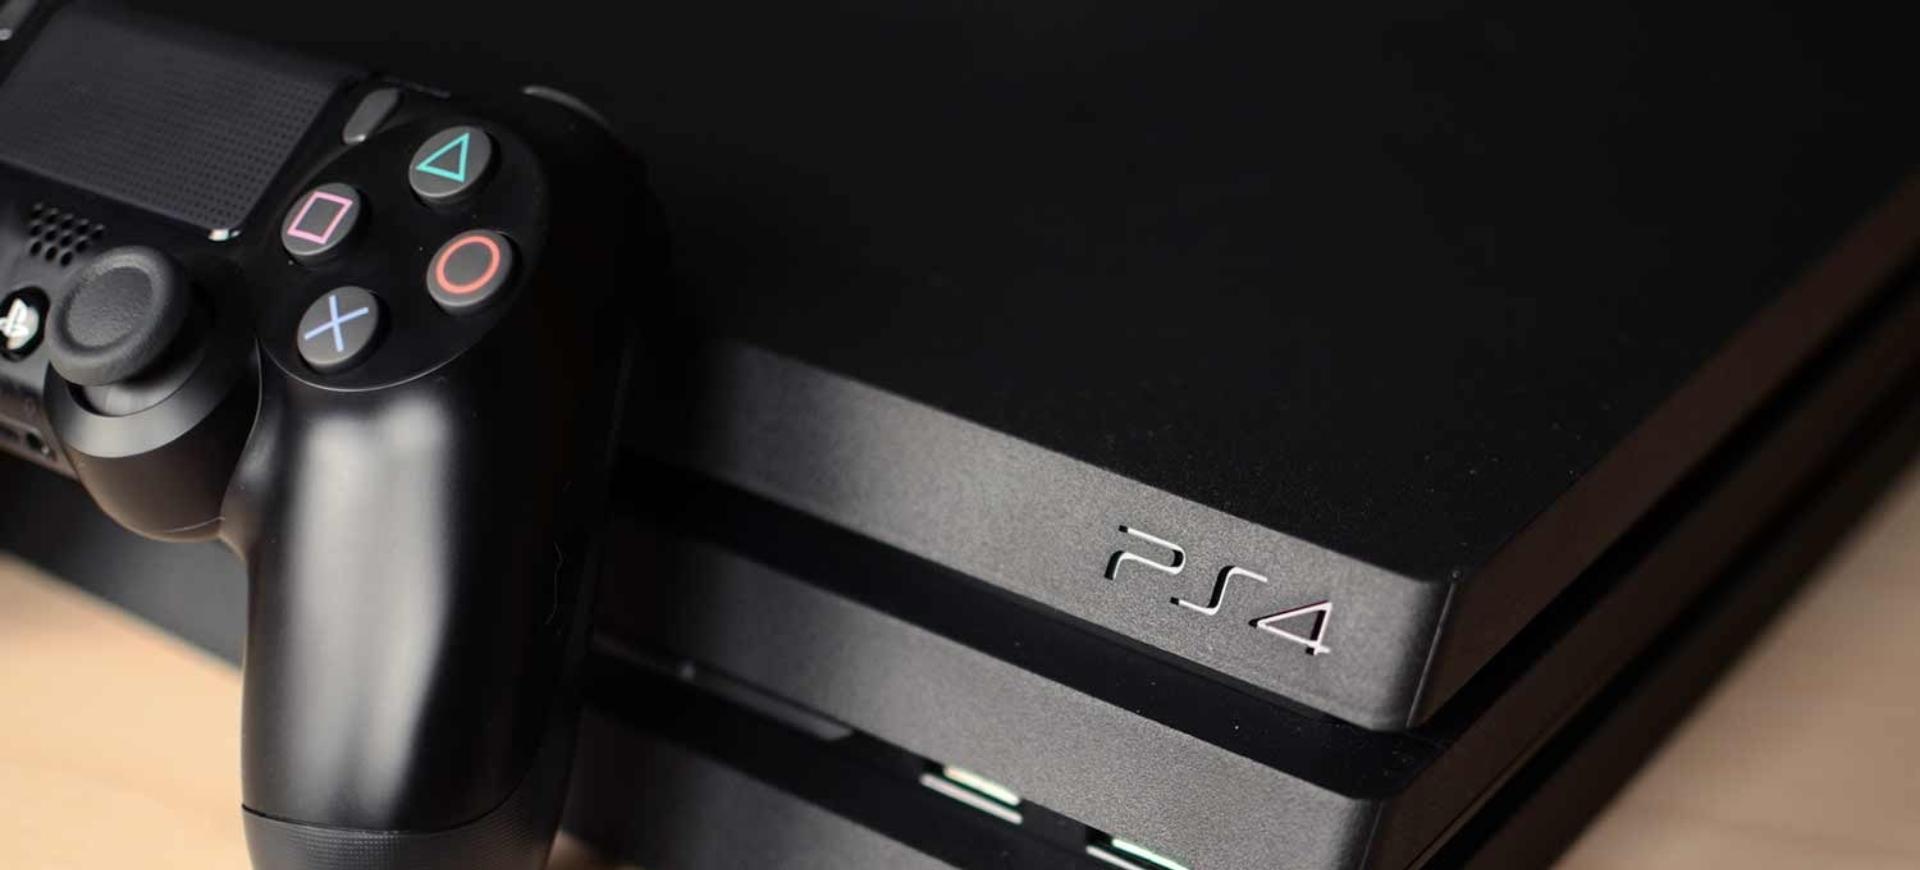 Lộ bằng chứng cho thấy PlayStation 5 sẽ sử dụng nền tảng Ryzen của AMD - Tin Gaming Gear